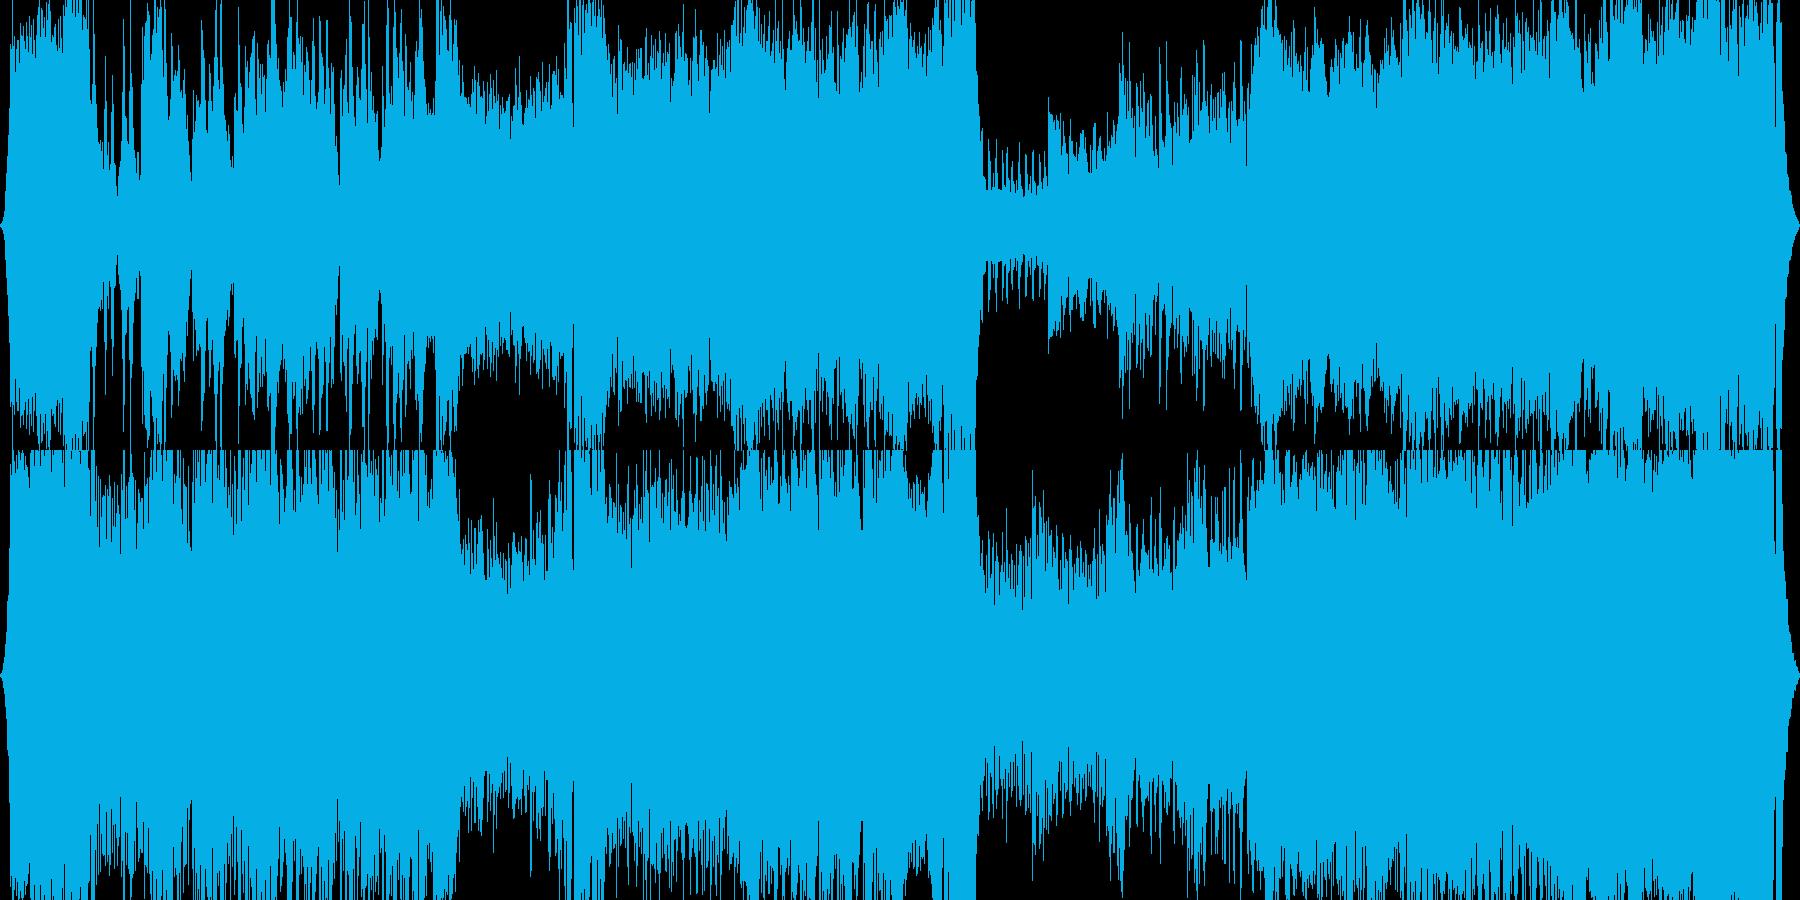 オーケストラ、テーマ曲、オープニングの再生済みの波形